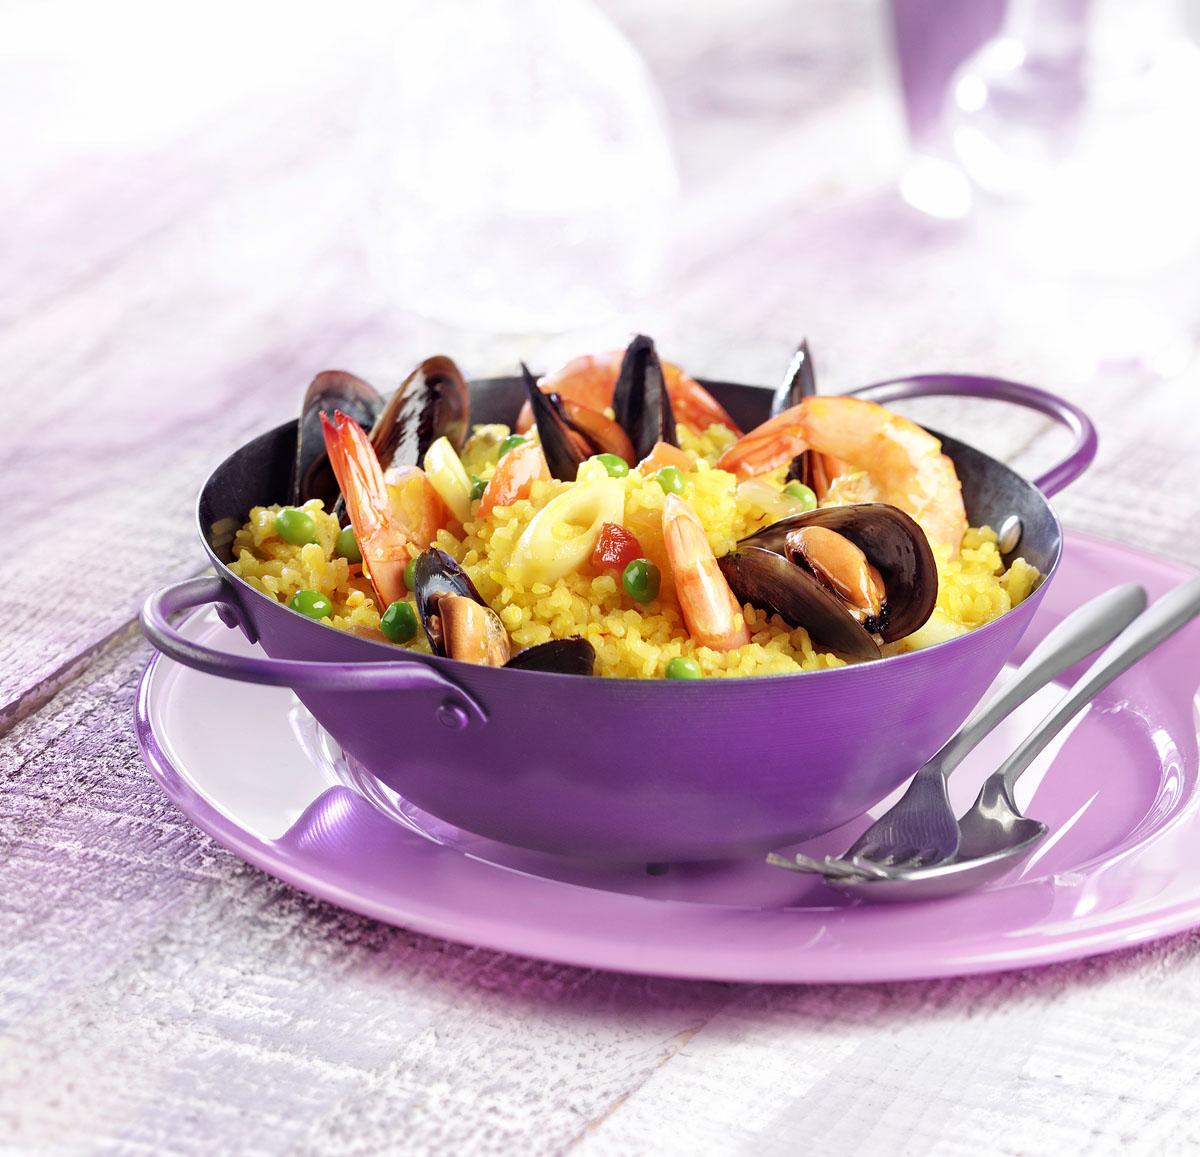 Paella en ambiance violette